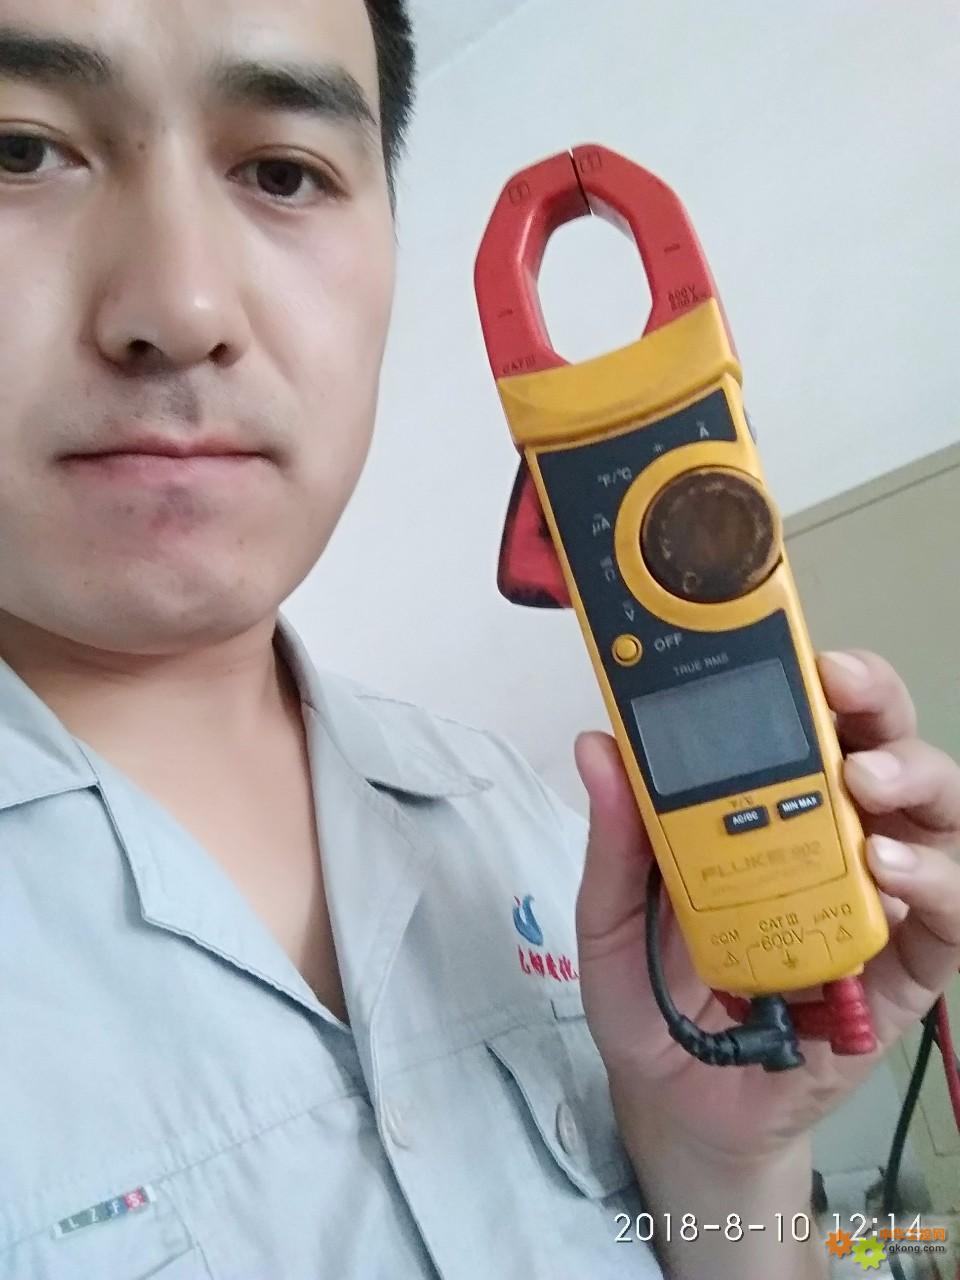 【福禄克POLO】在有限的时间内排除了很多电气故障